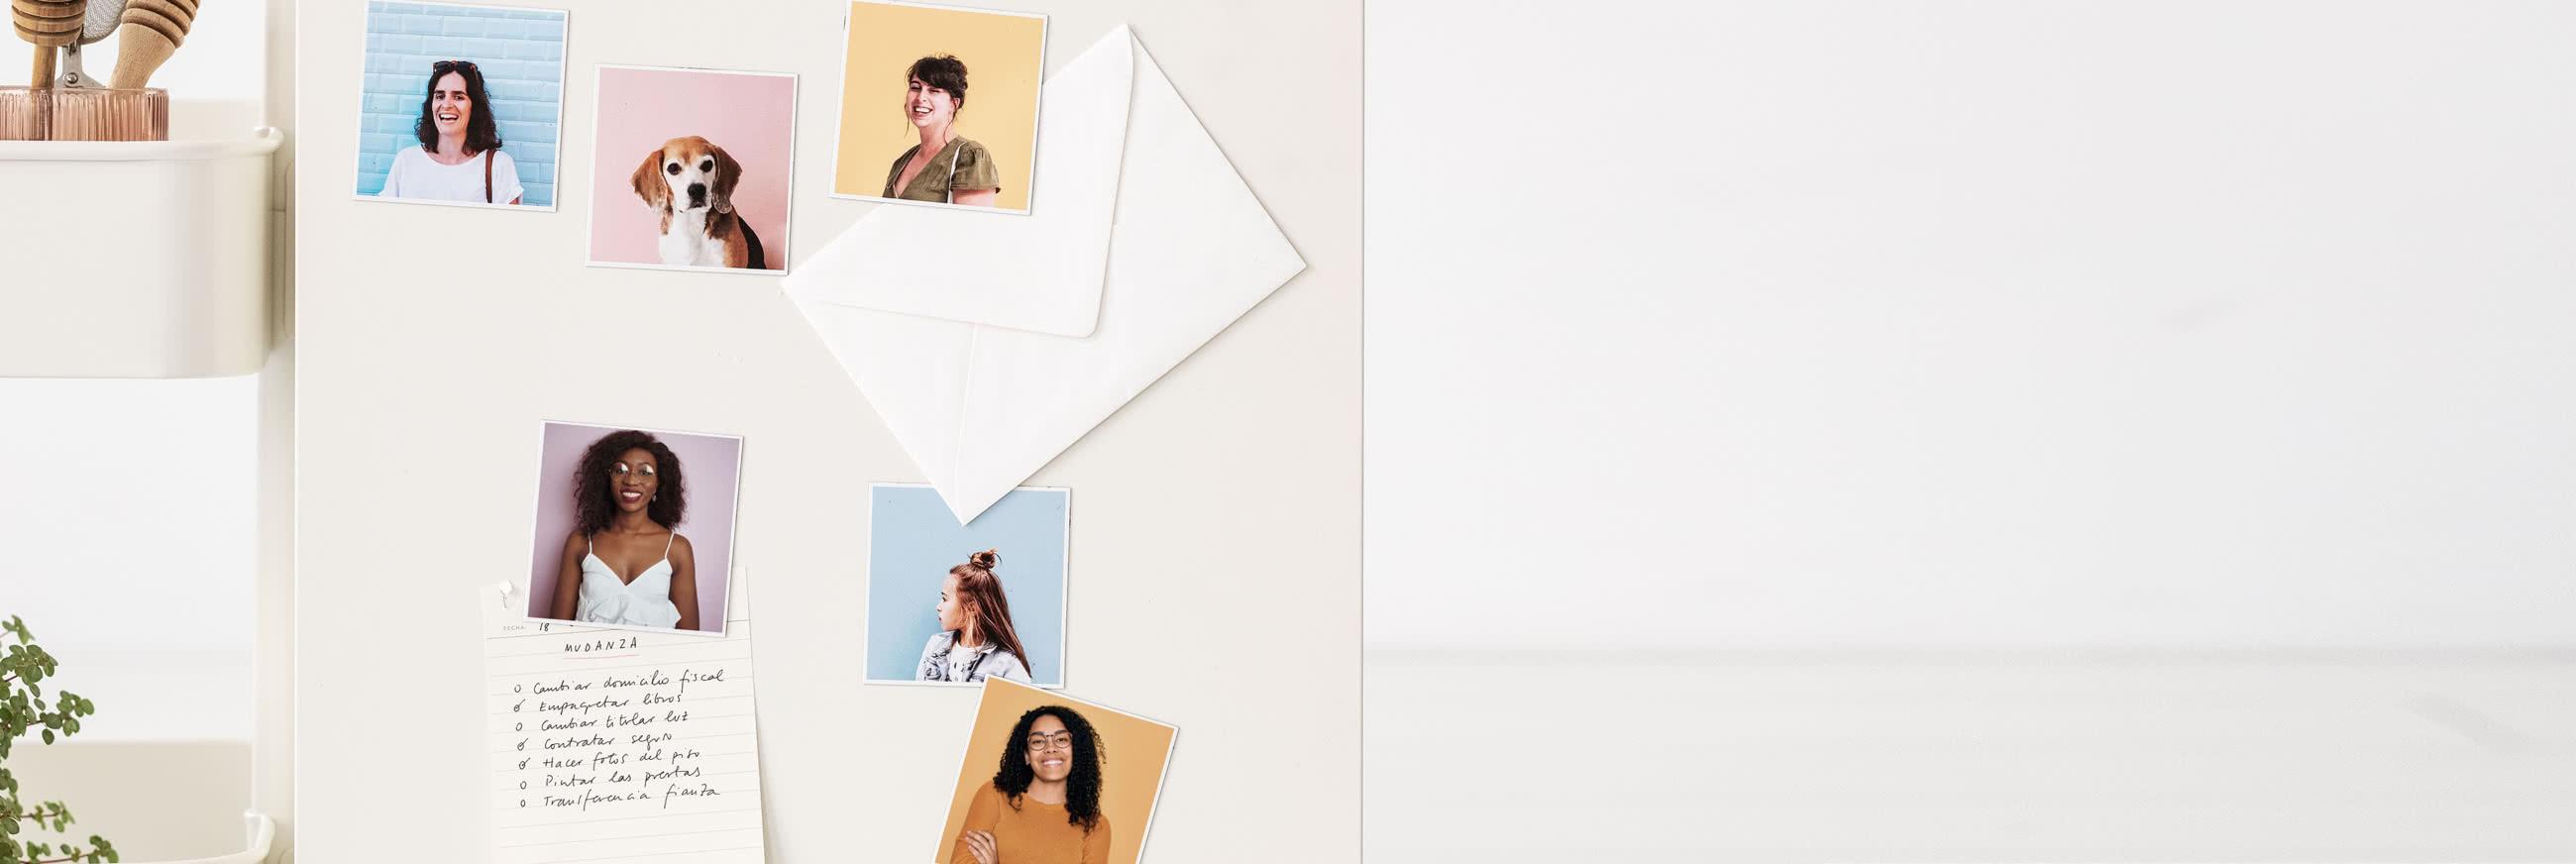 Imanes con fotos personalizados